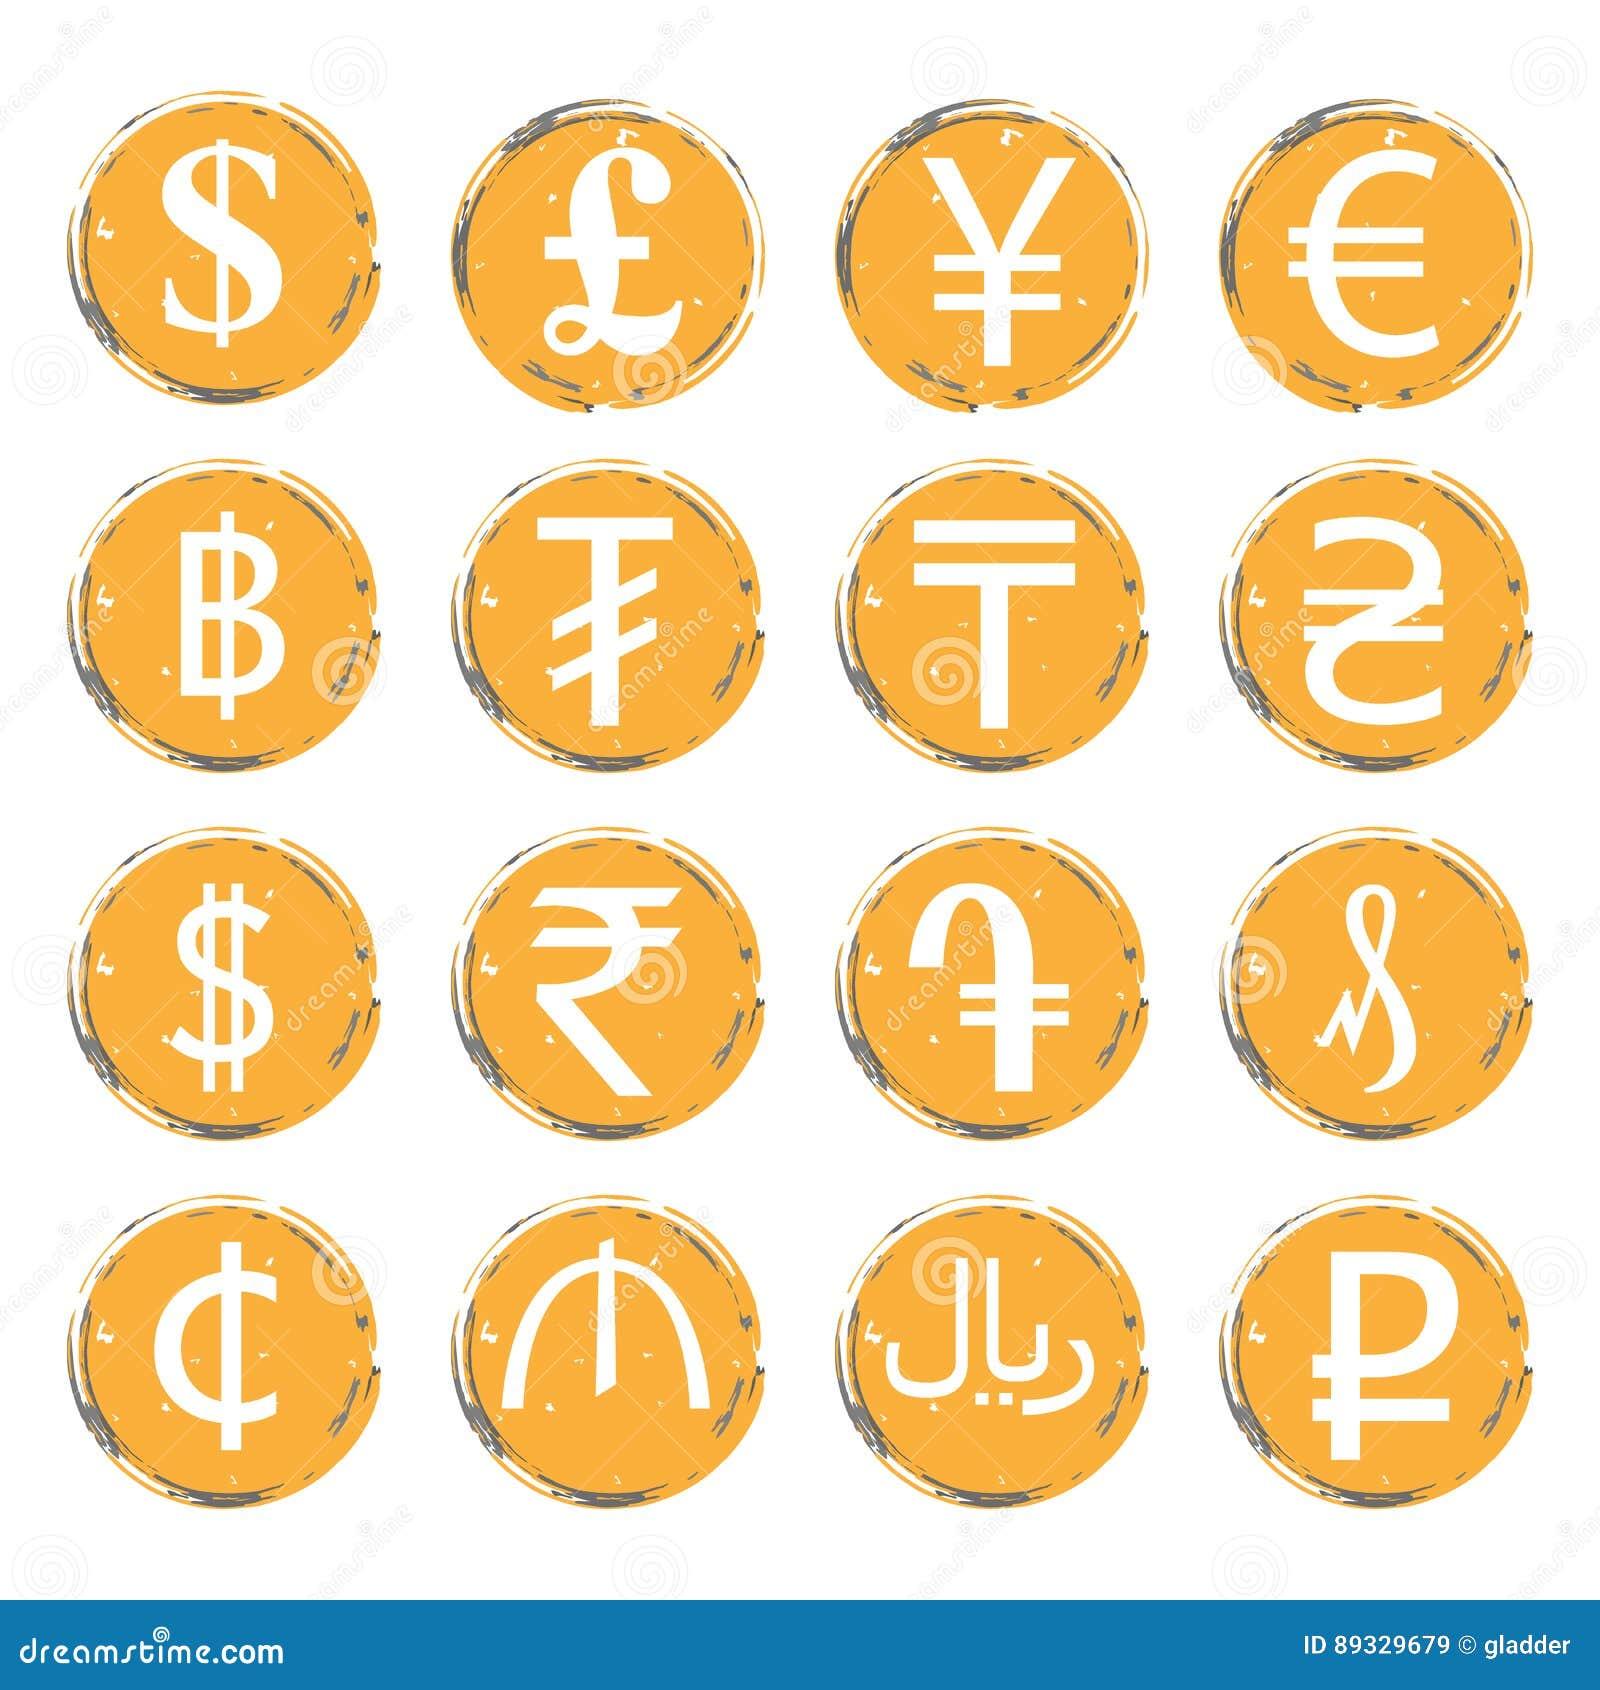 Sechzehn Gelb Graue Schmutzikonen Mit Weißen Bildern Von Modernen  Währungszeichen Von Verschiedenen Ländern, Für